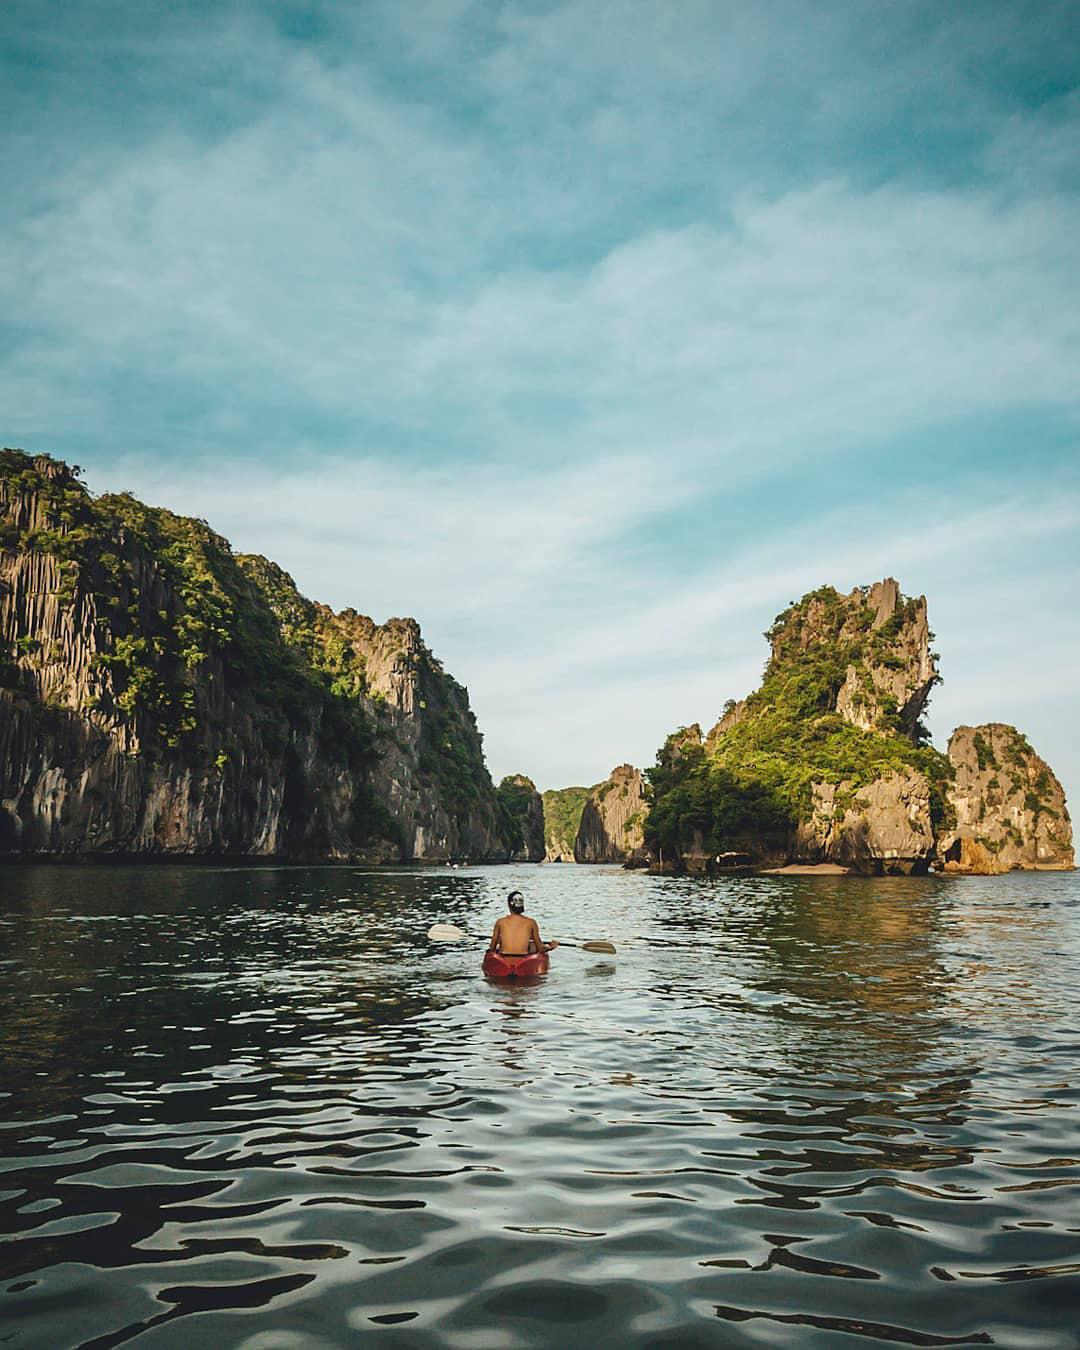 Ai tới vịnh Lan Hạ rồi mới hiểu tại sao Leonardo DiCaprio phải tấm tắc khen ngợi: Vẻ đẹp hoang sơ của 'thiên đường bị bỏ quên' giữa Hải Phòng Ảnh 4